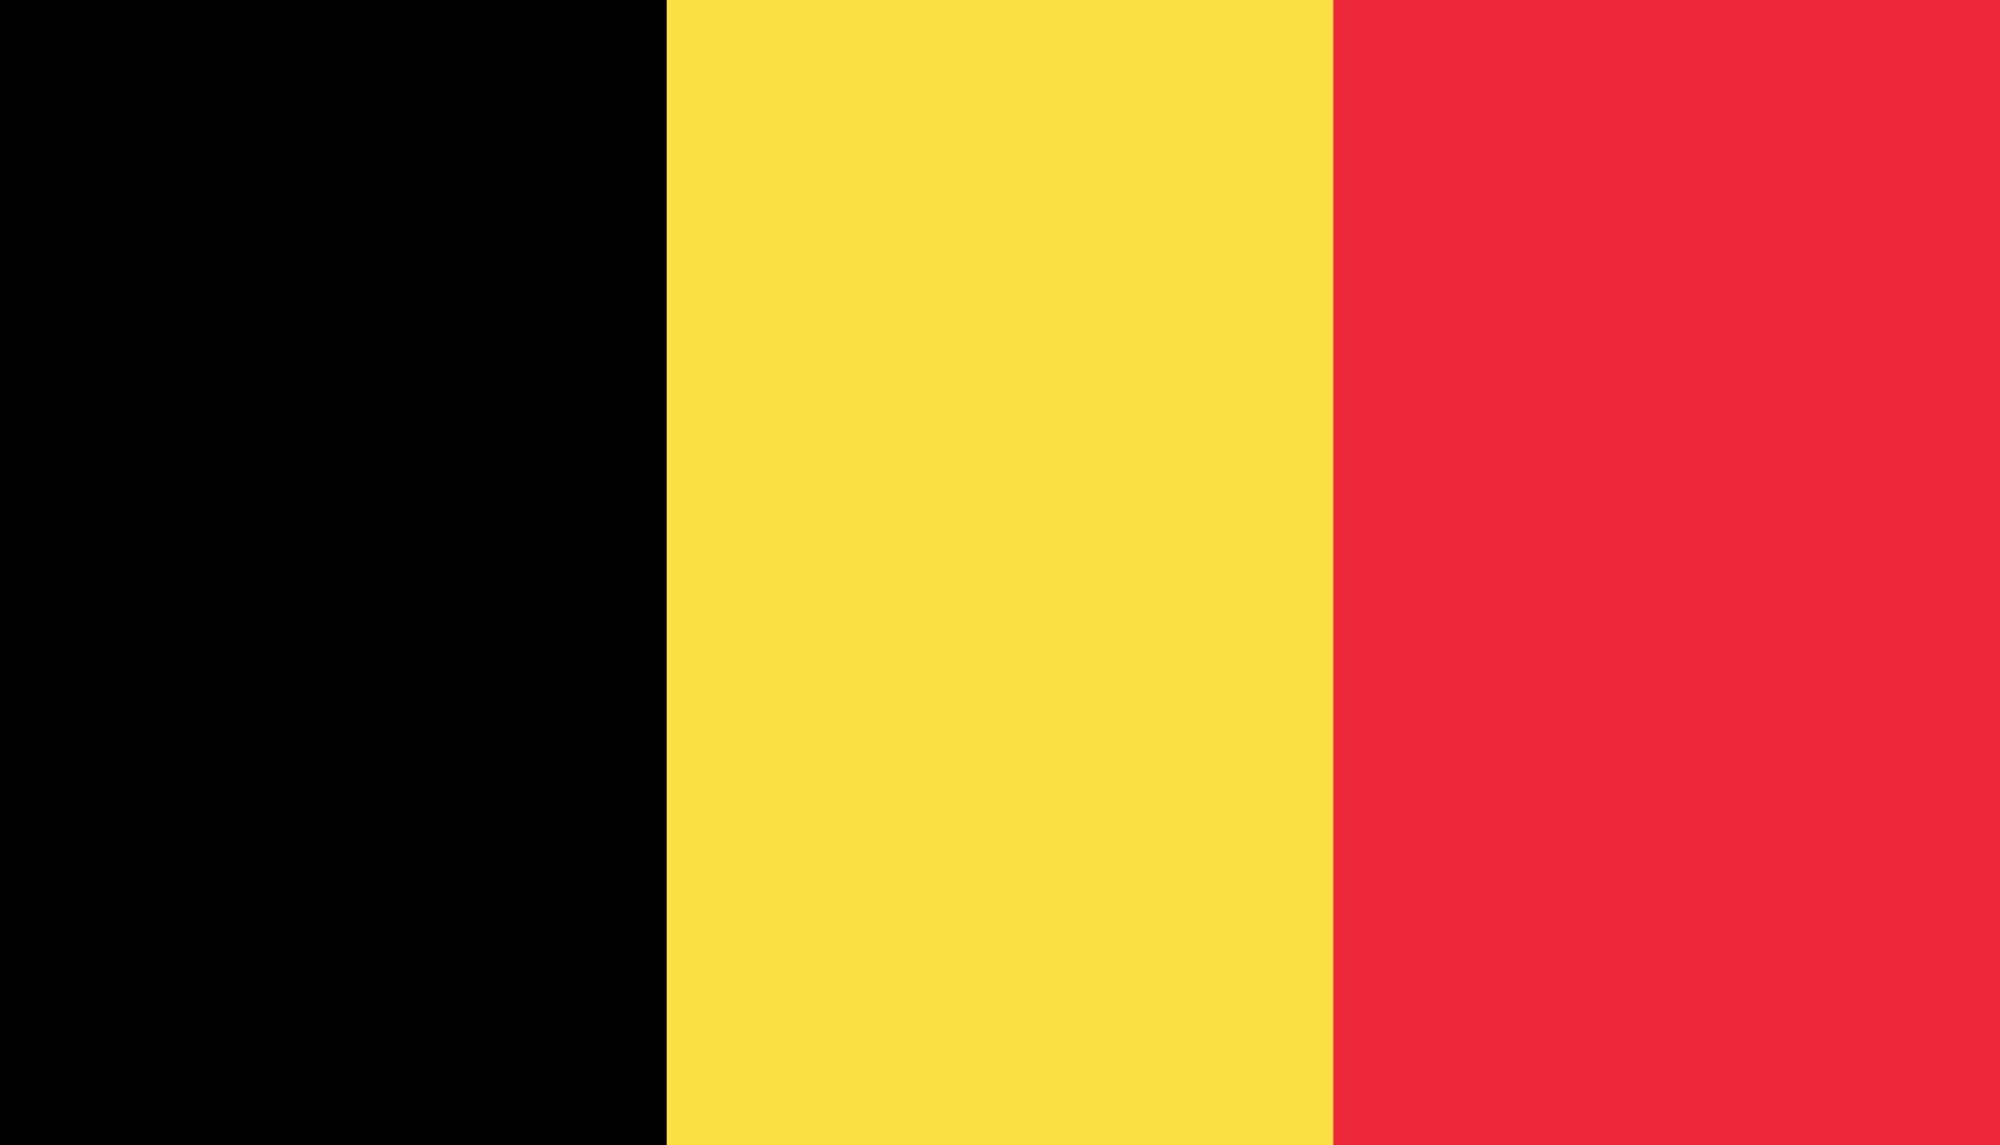 Belgium/Flanders